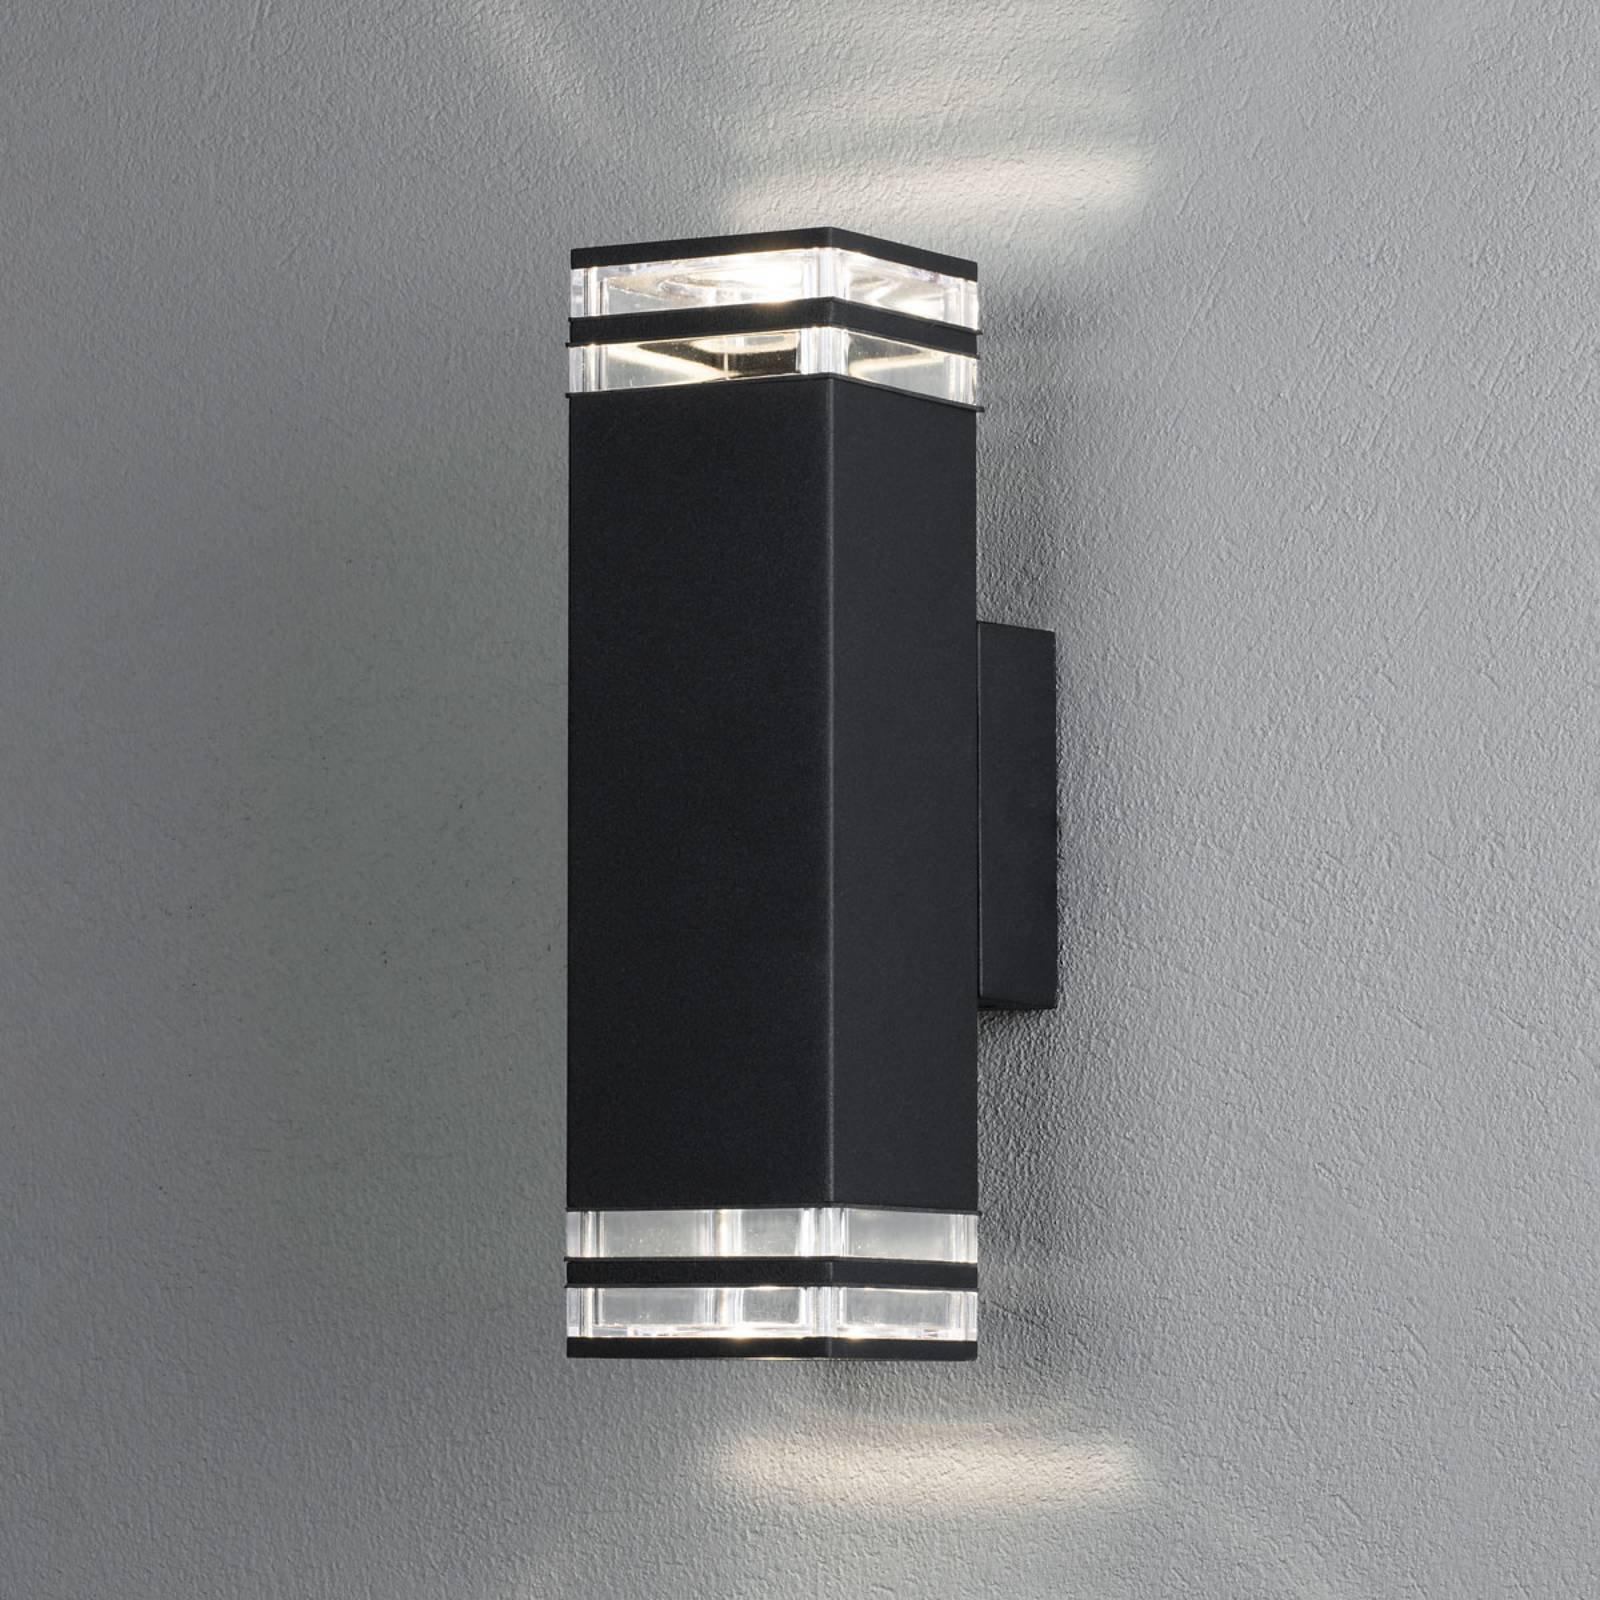 Monza utendørs vegglampe 2-lk., høyde 27,5 cm